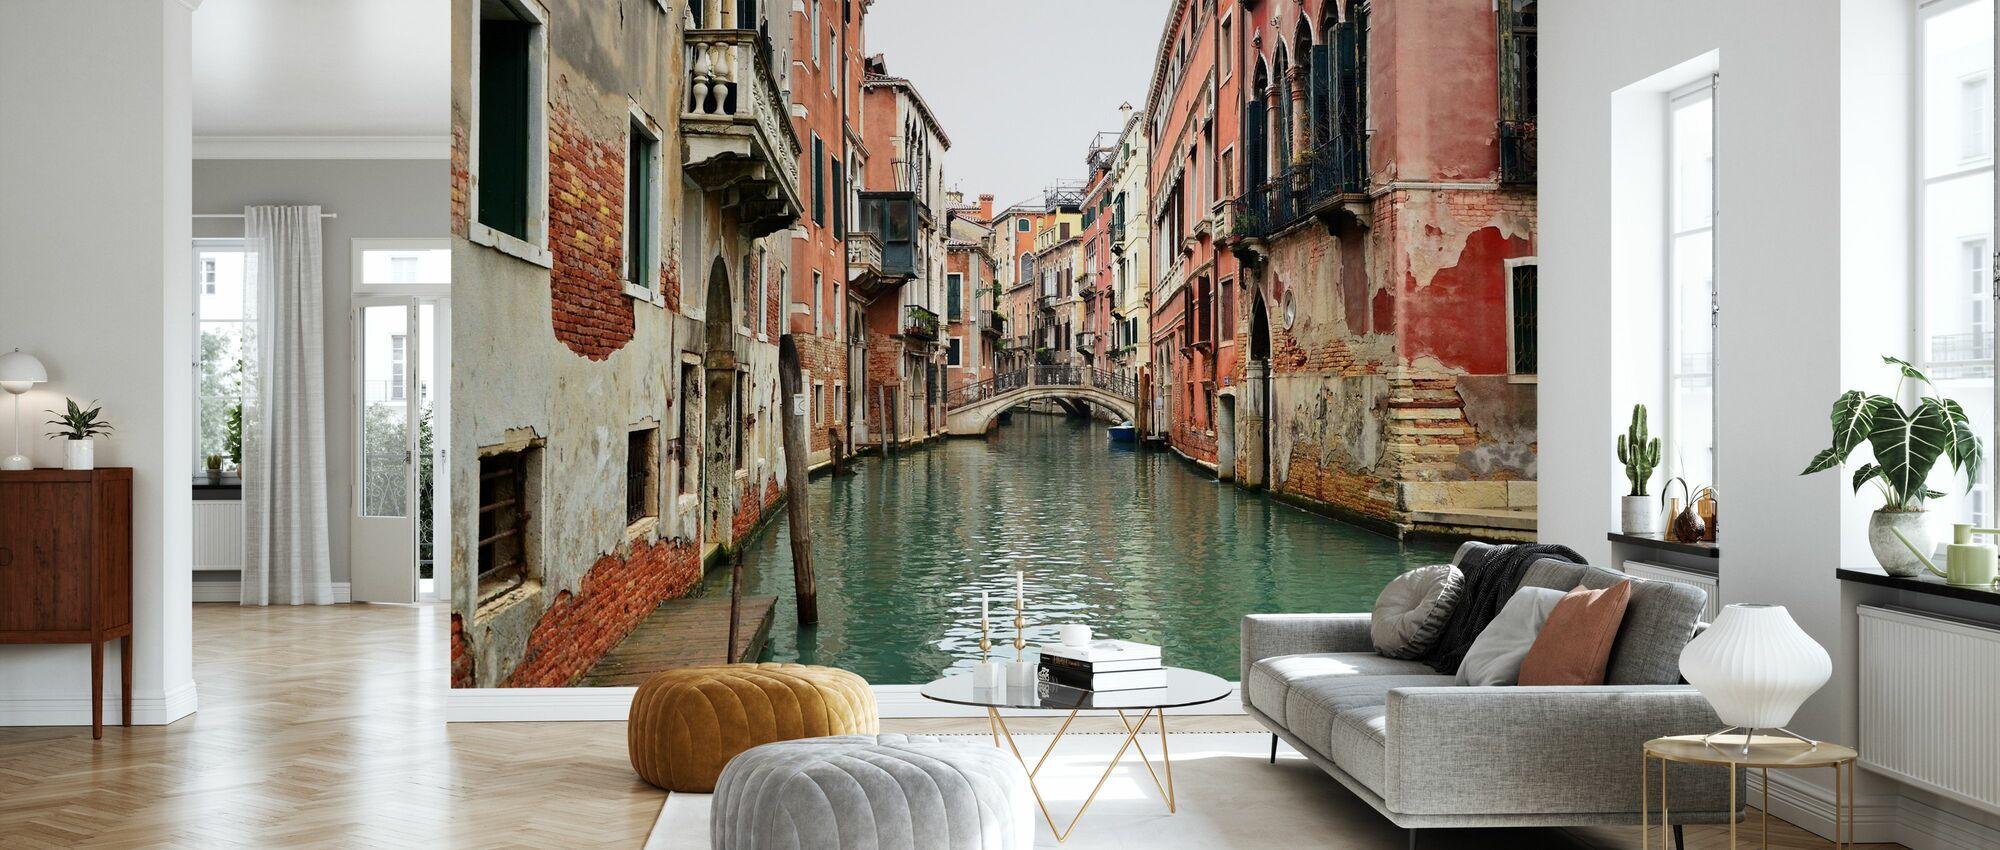 Tiilet ja vesikujat Venetsiassa - Tapetti - Olohuone